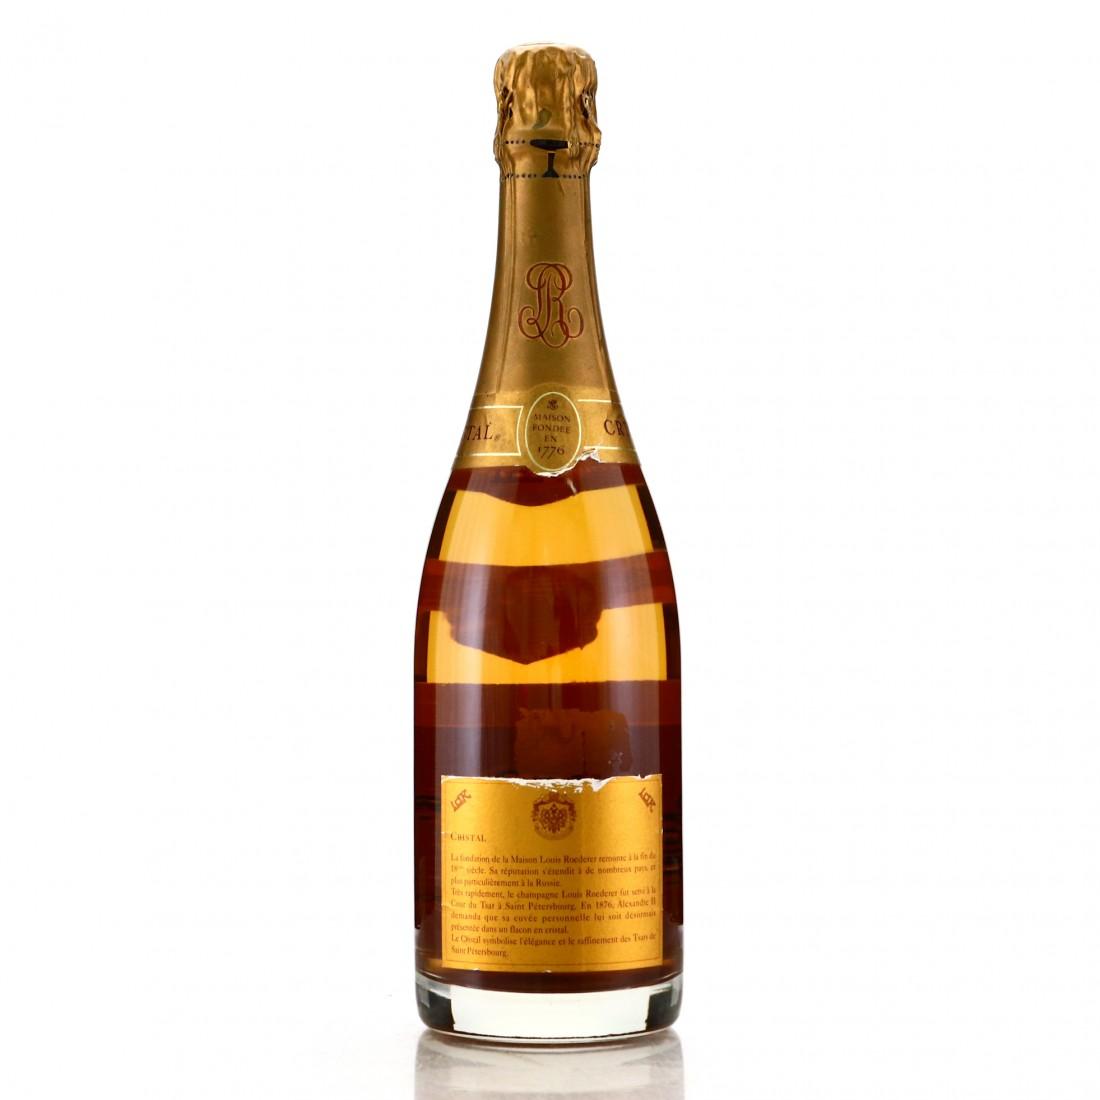 Louis Roederer Cristal 1990 Vintage Champagne